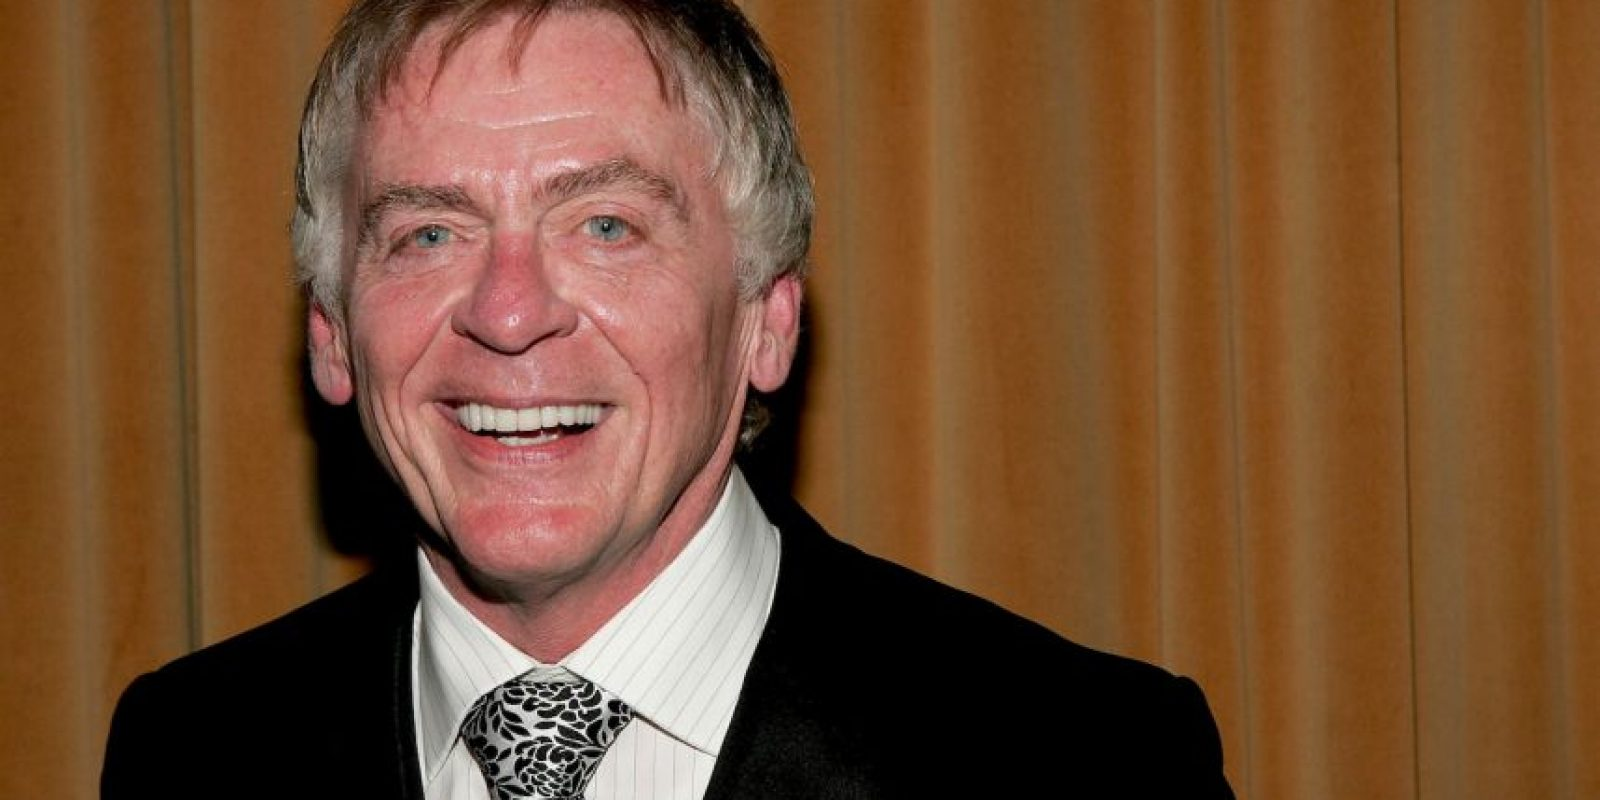 Niles era el mayordomo de la casa, interpretado por el actor Daniel Davis. Foto:Getty Images. Imagen Por: